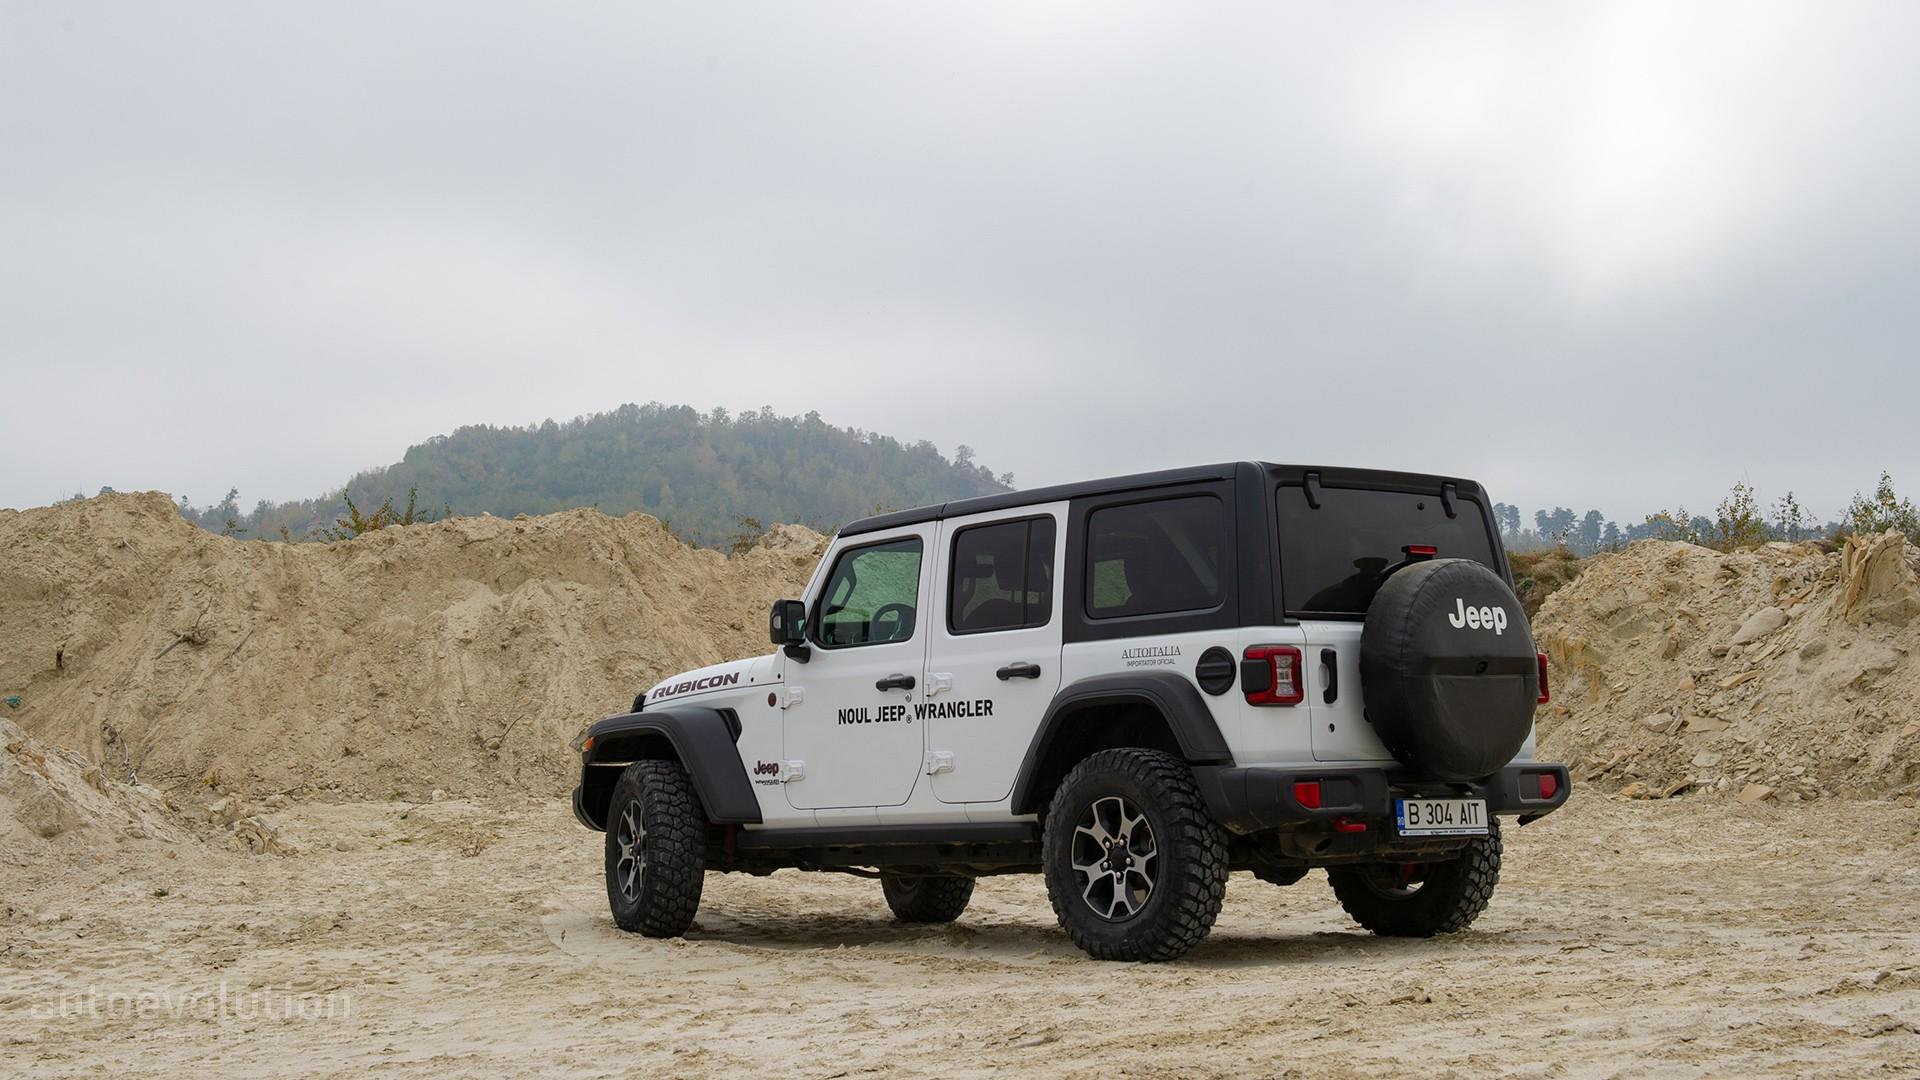 2020 jeep wrangler rubicon recon features hurricane